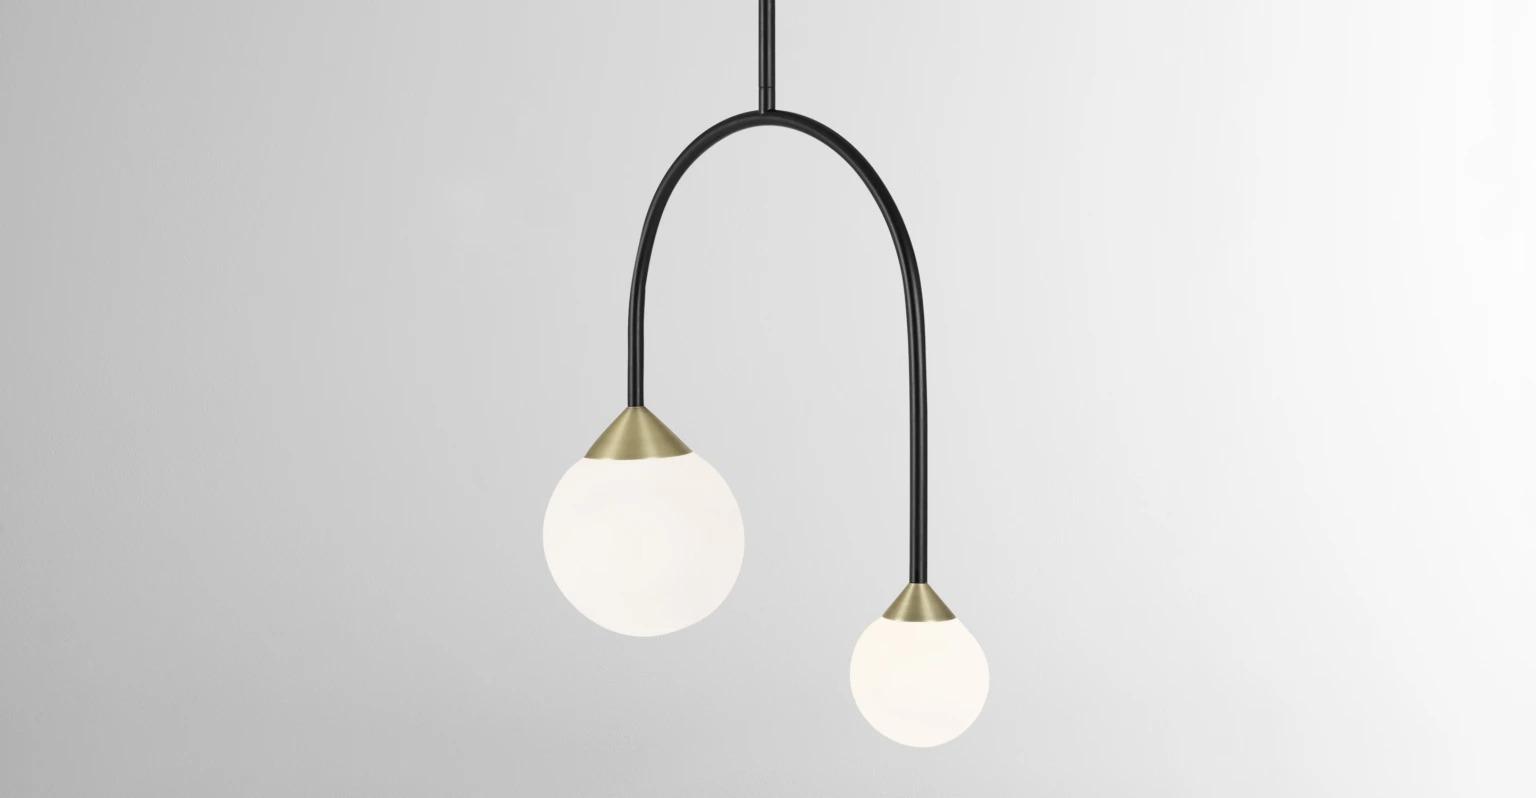 Faye  Diseñado por Margaux Keller. Lámpara suspendida Faye, negro, latón antiguo y mármol